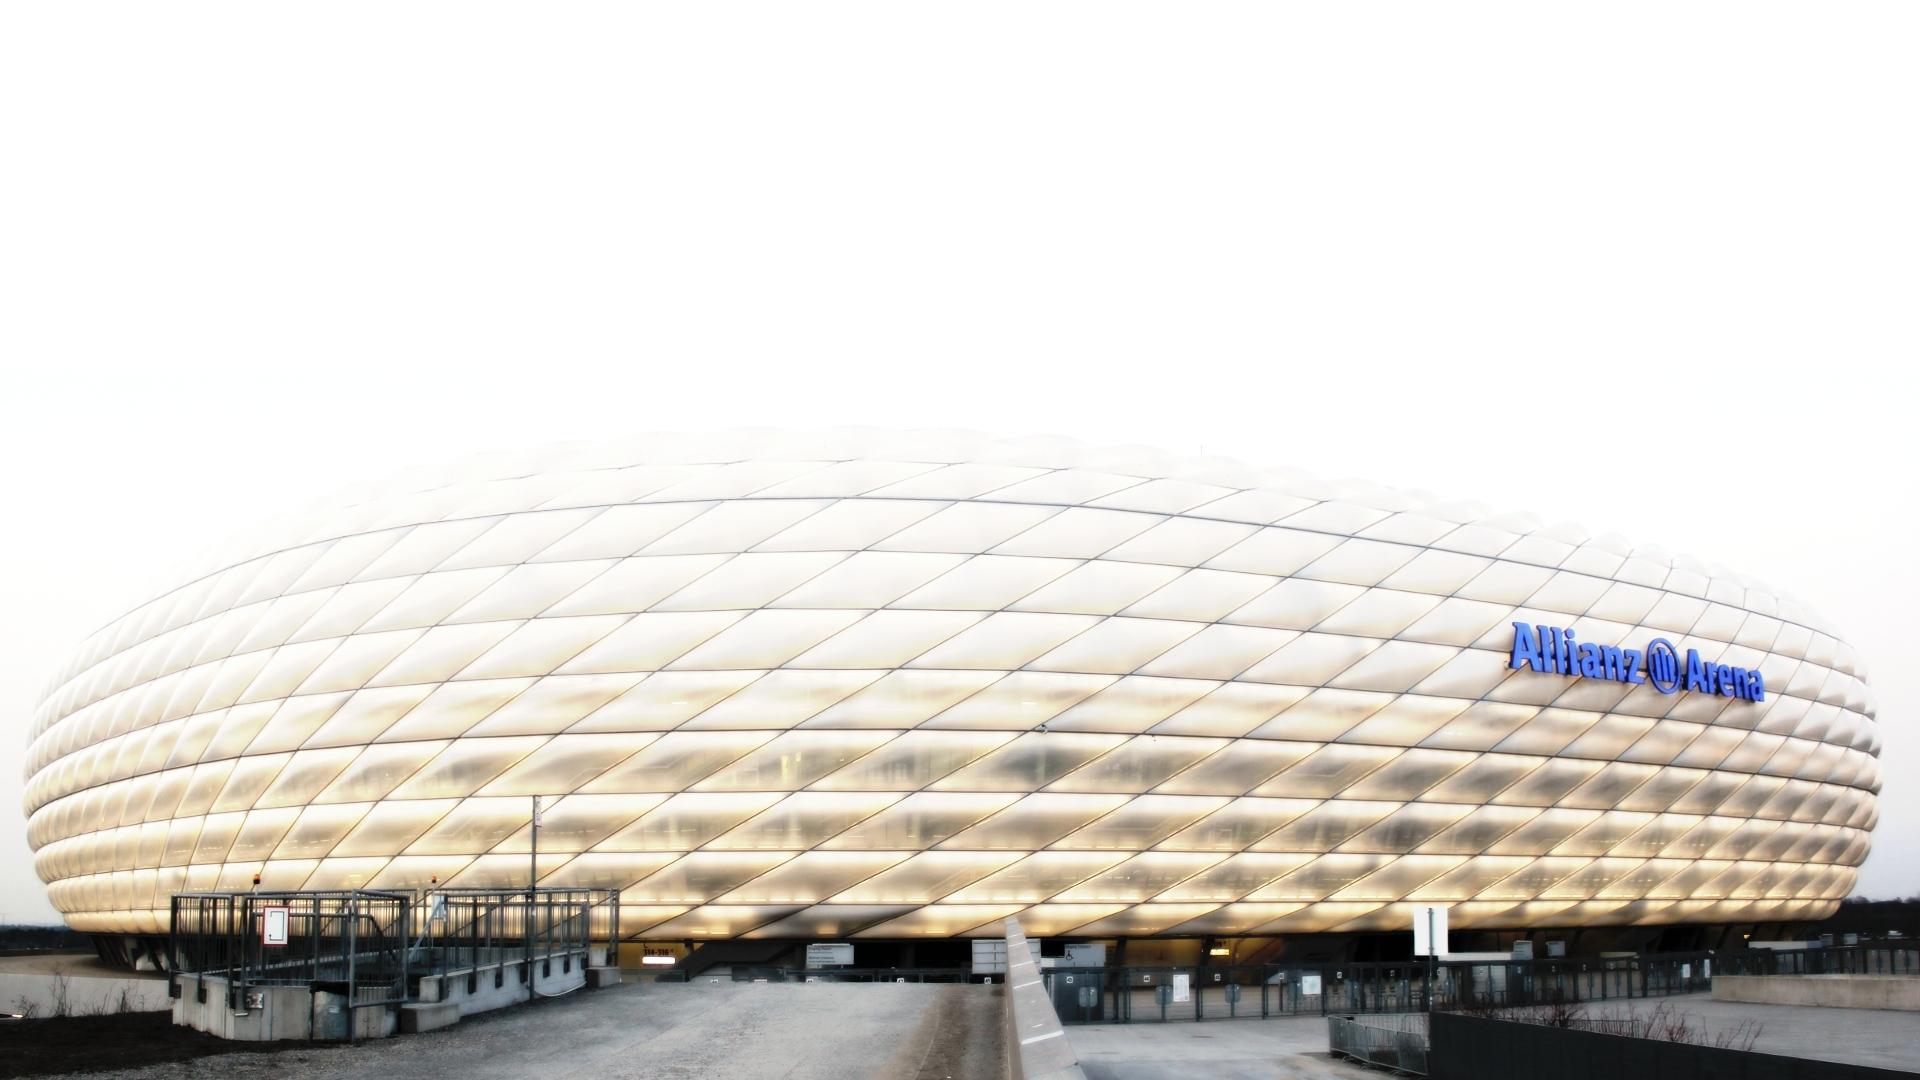 Арена allianz arena на телефон